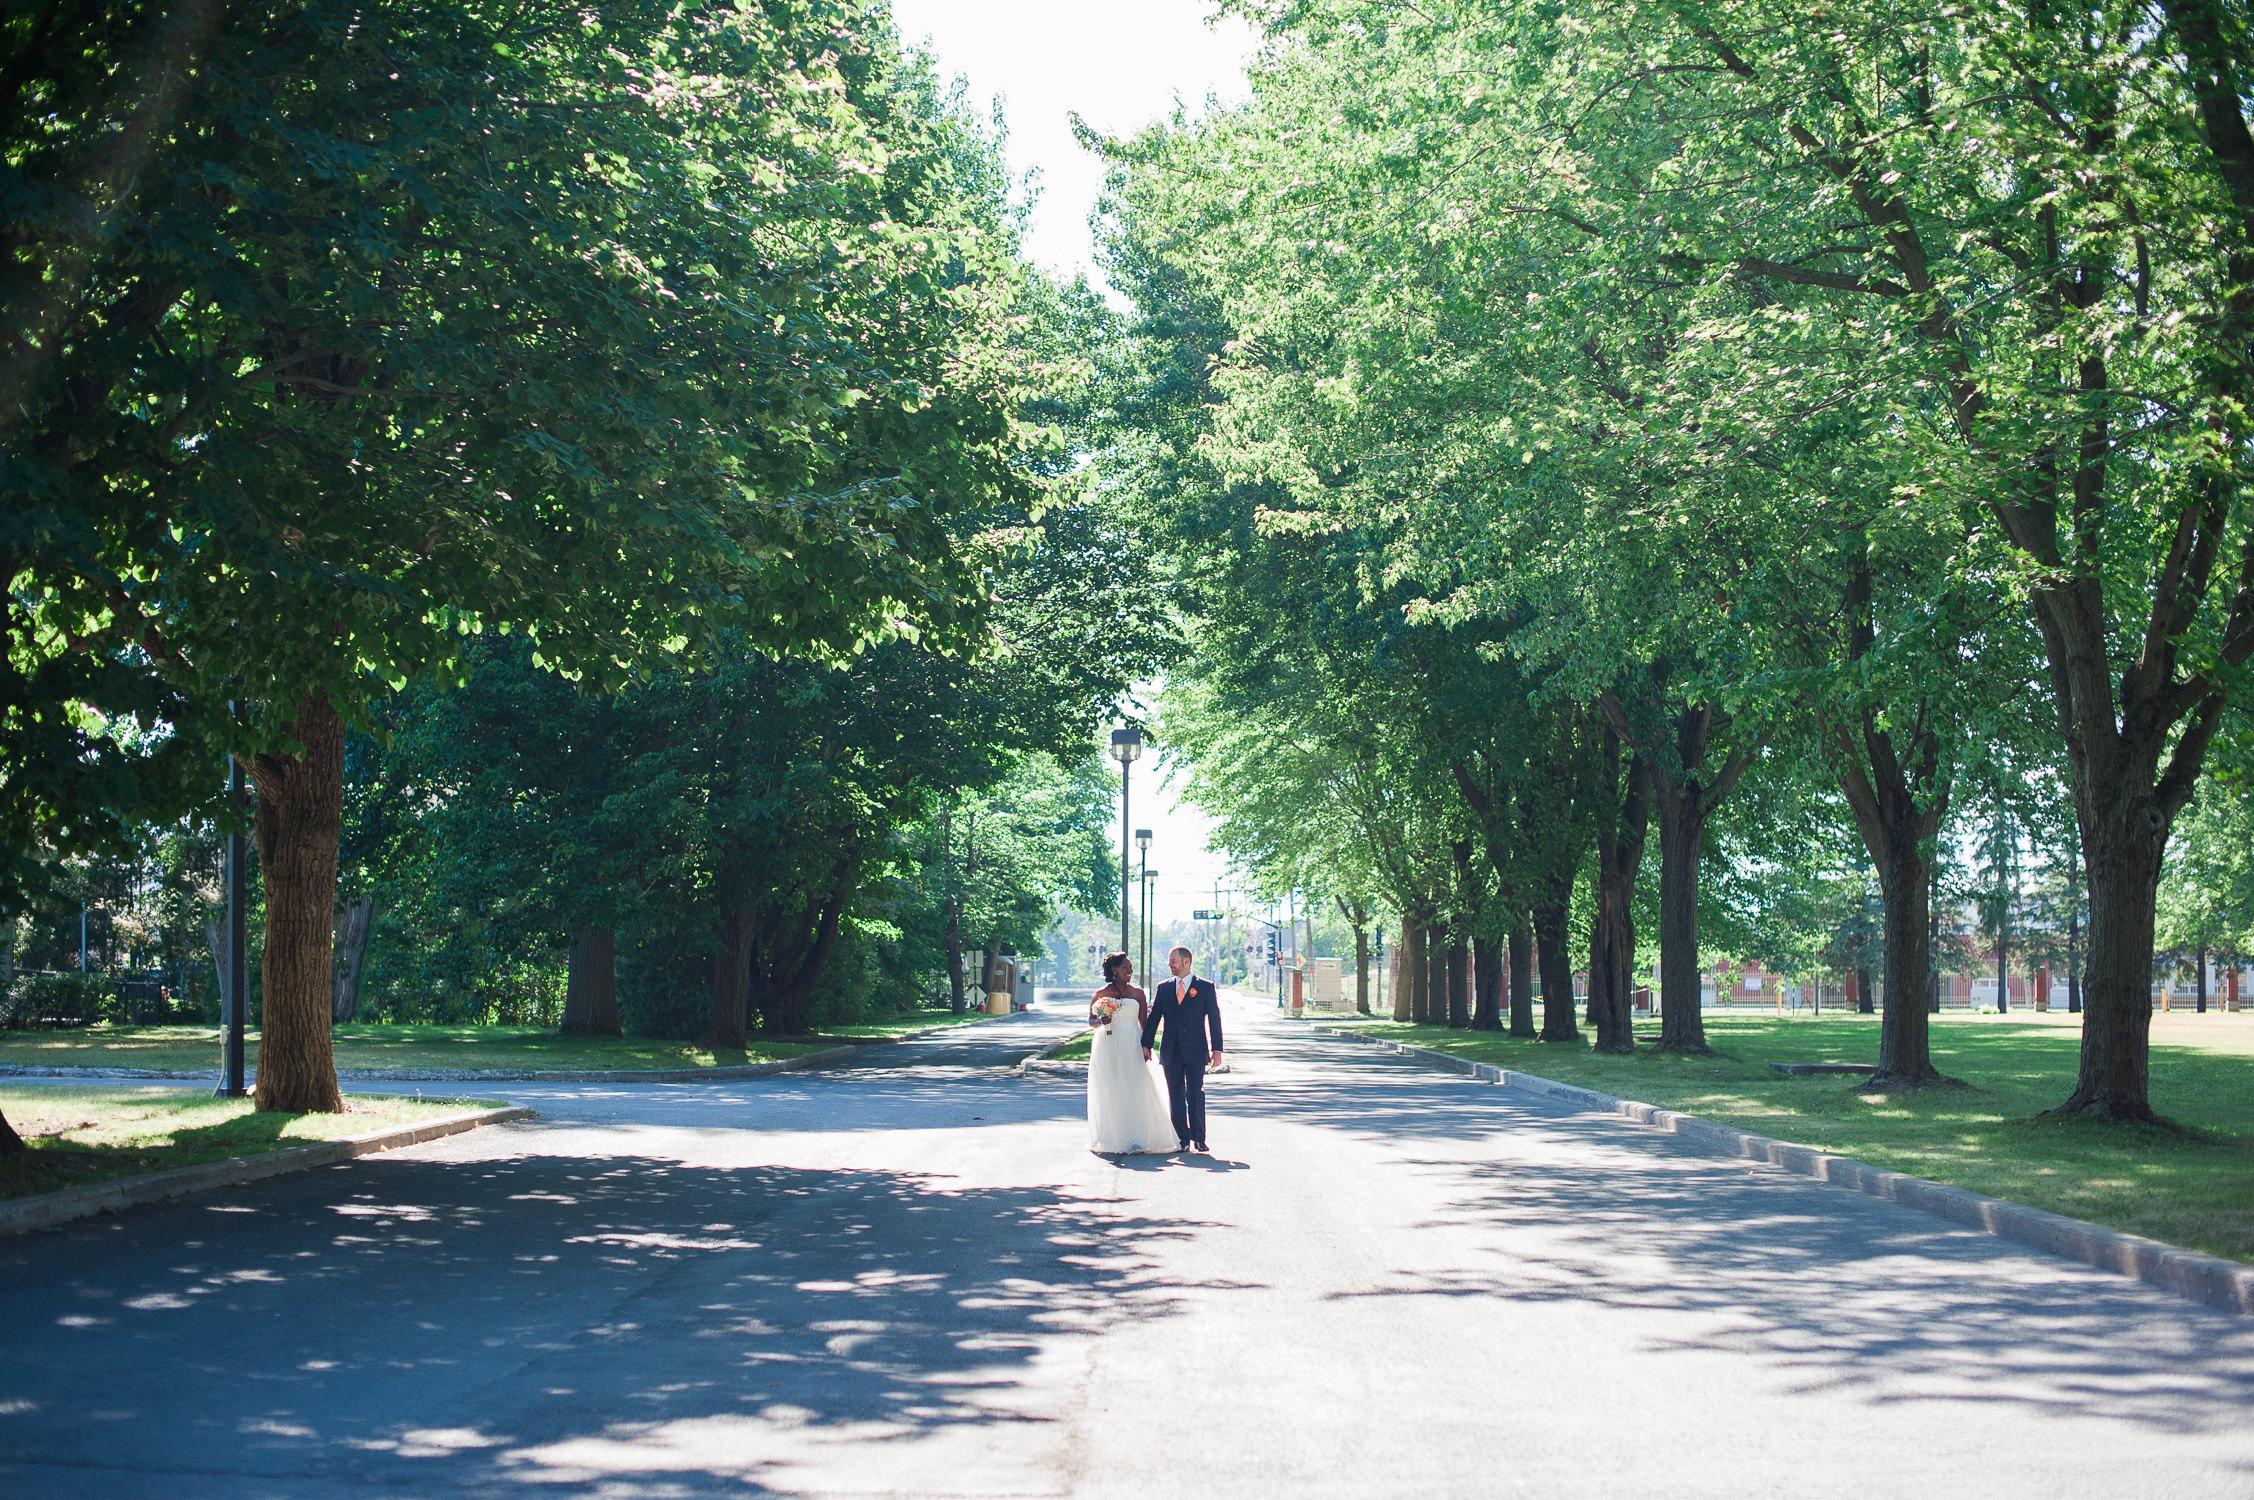 couple-qui-marche-dans-la-rue-bordee-d-arbre-se-tenant-par-la-main